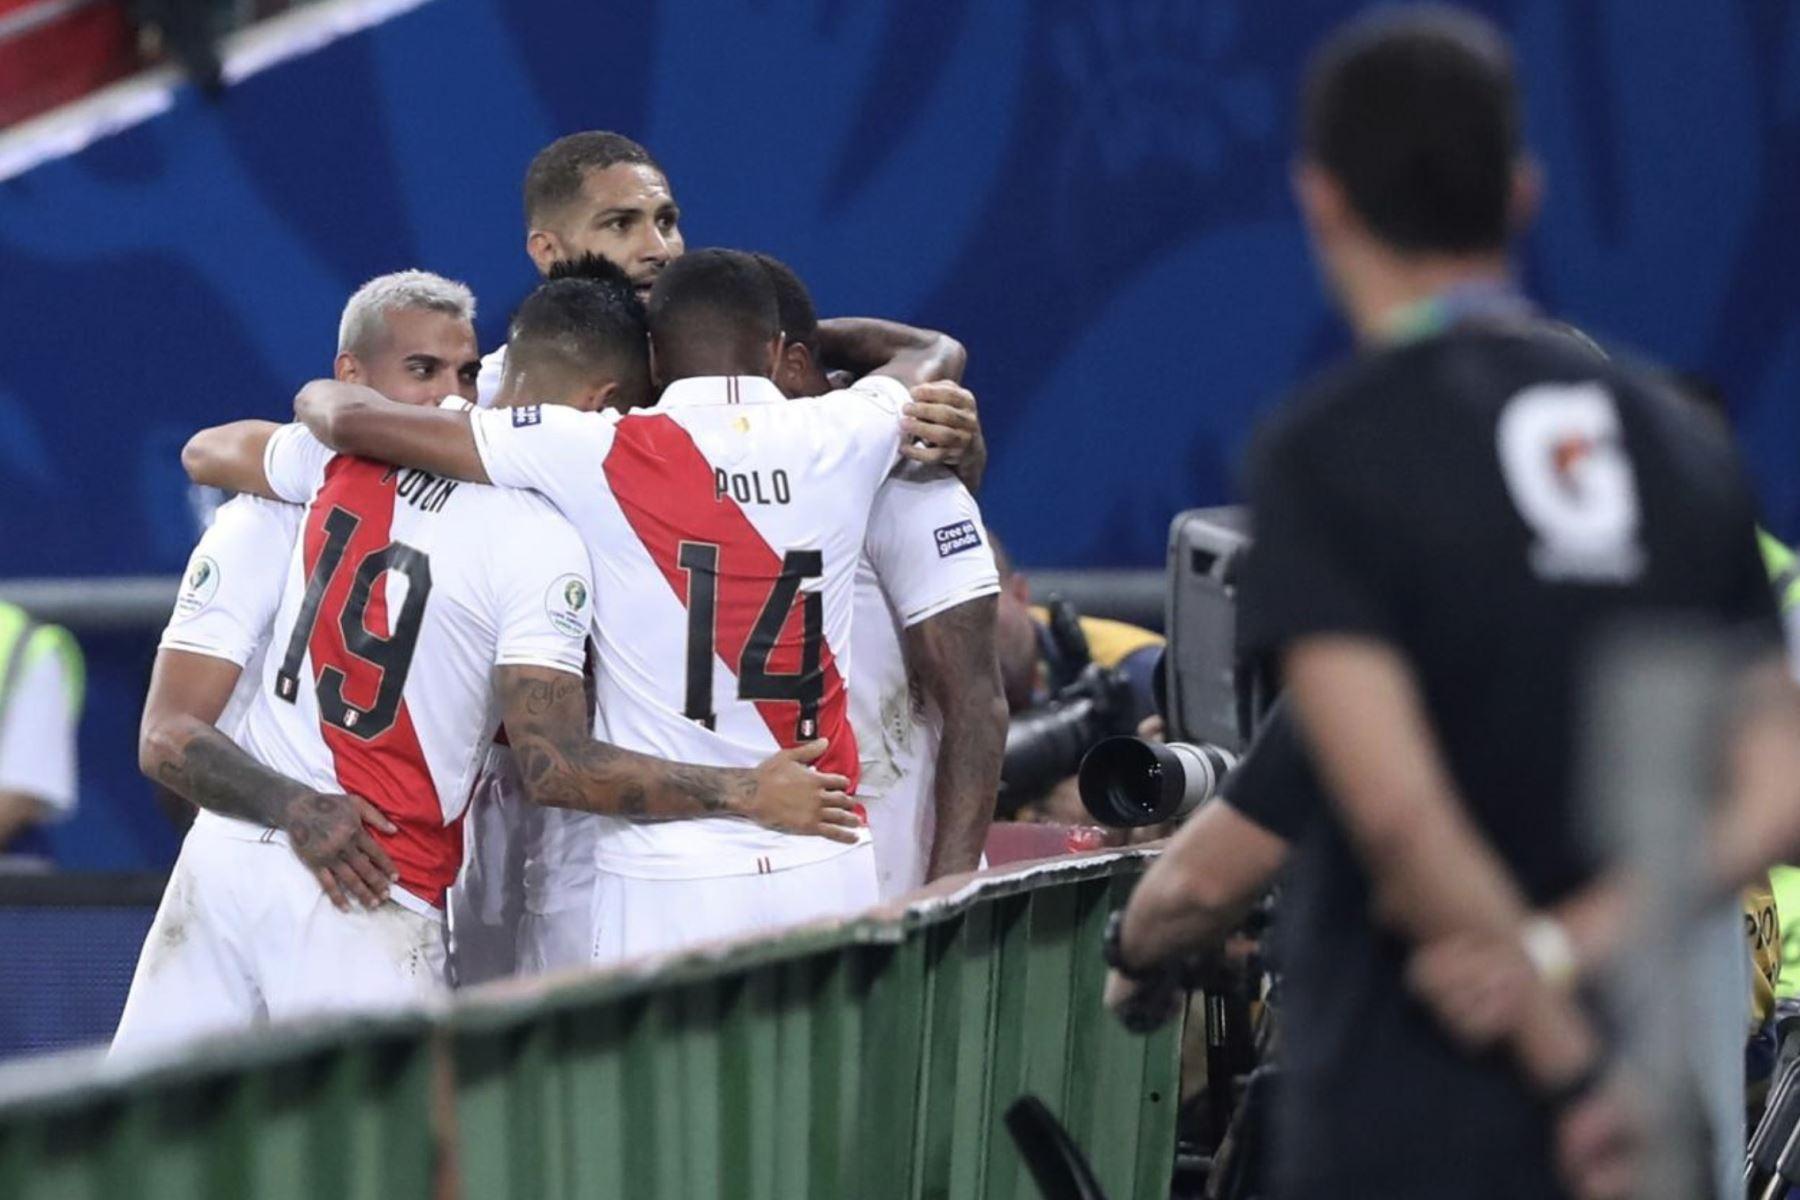 Paolo Guerrero, de Perú, celebra junto a sus compañeros en el partido frente a Bolivia por la Copa América 2019. Foto: AFP